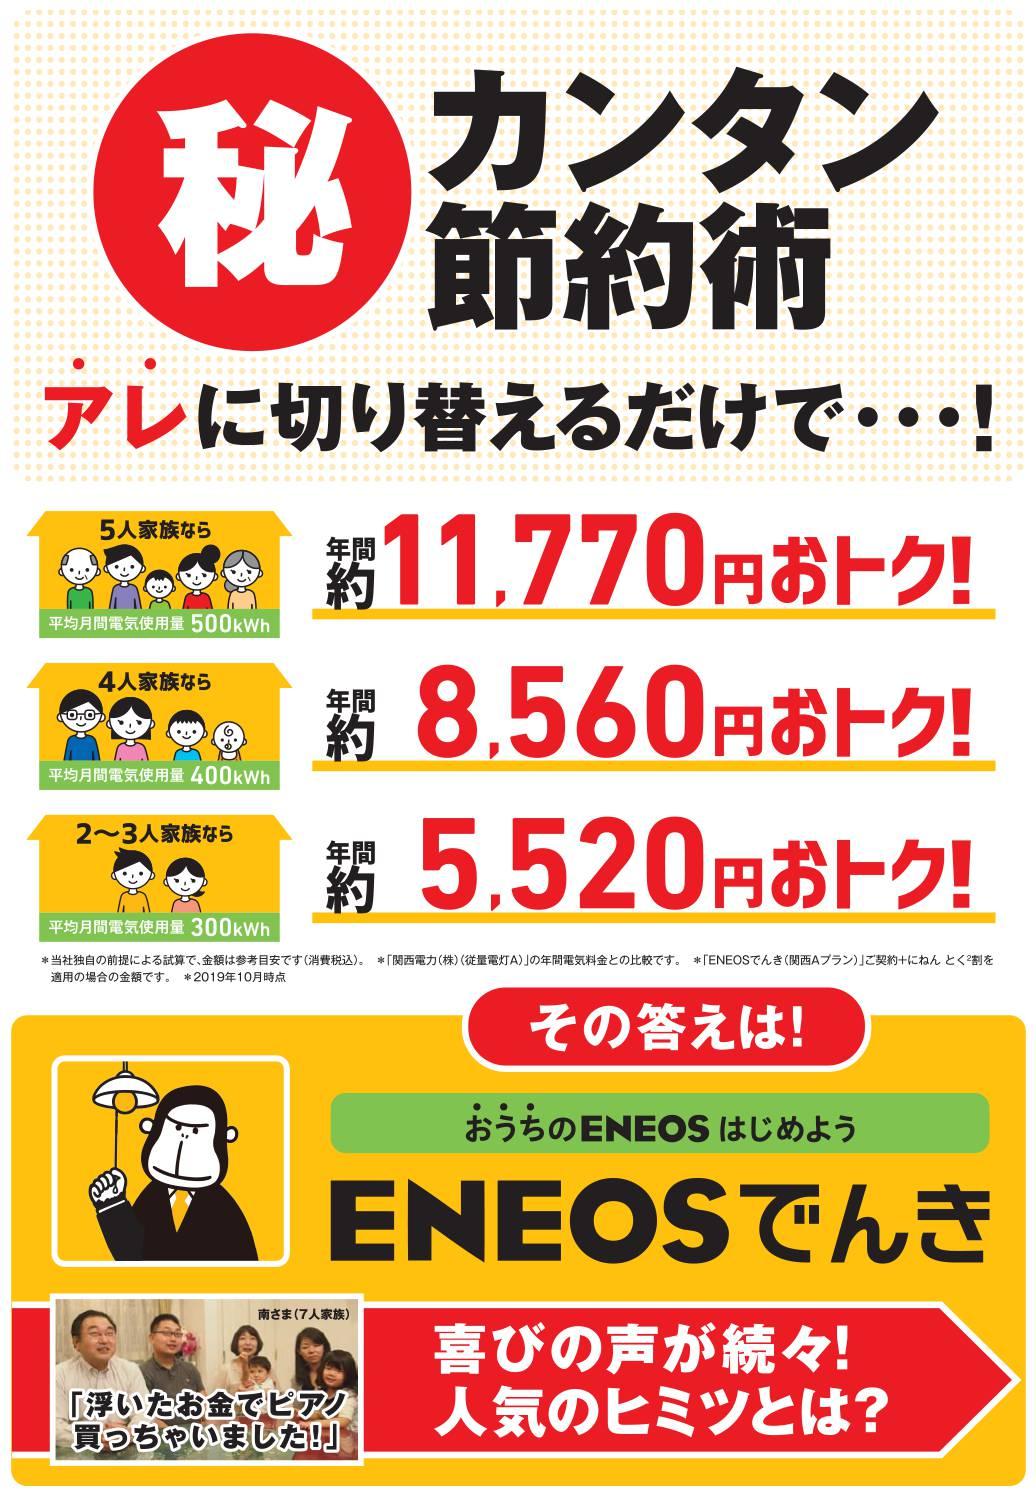 ENEOSでんき簡単節約術